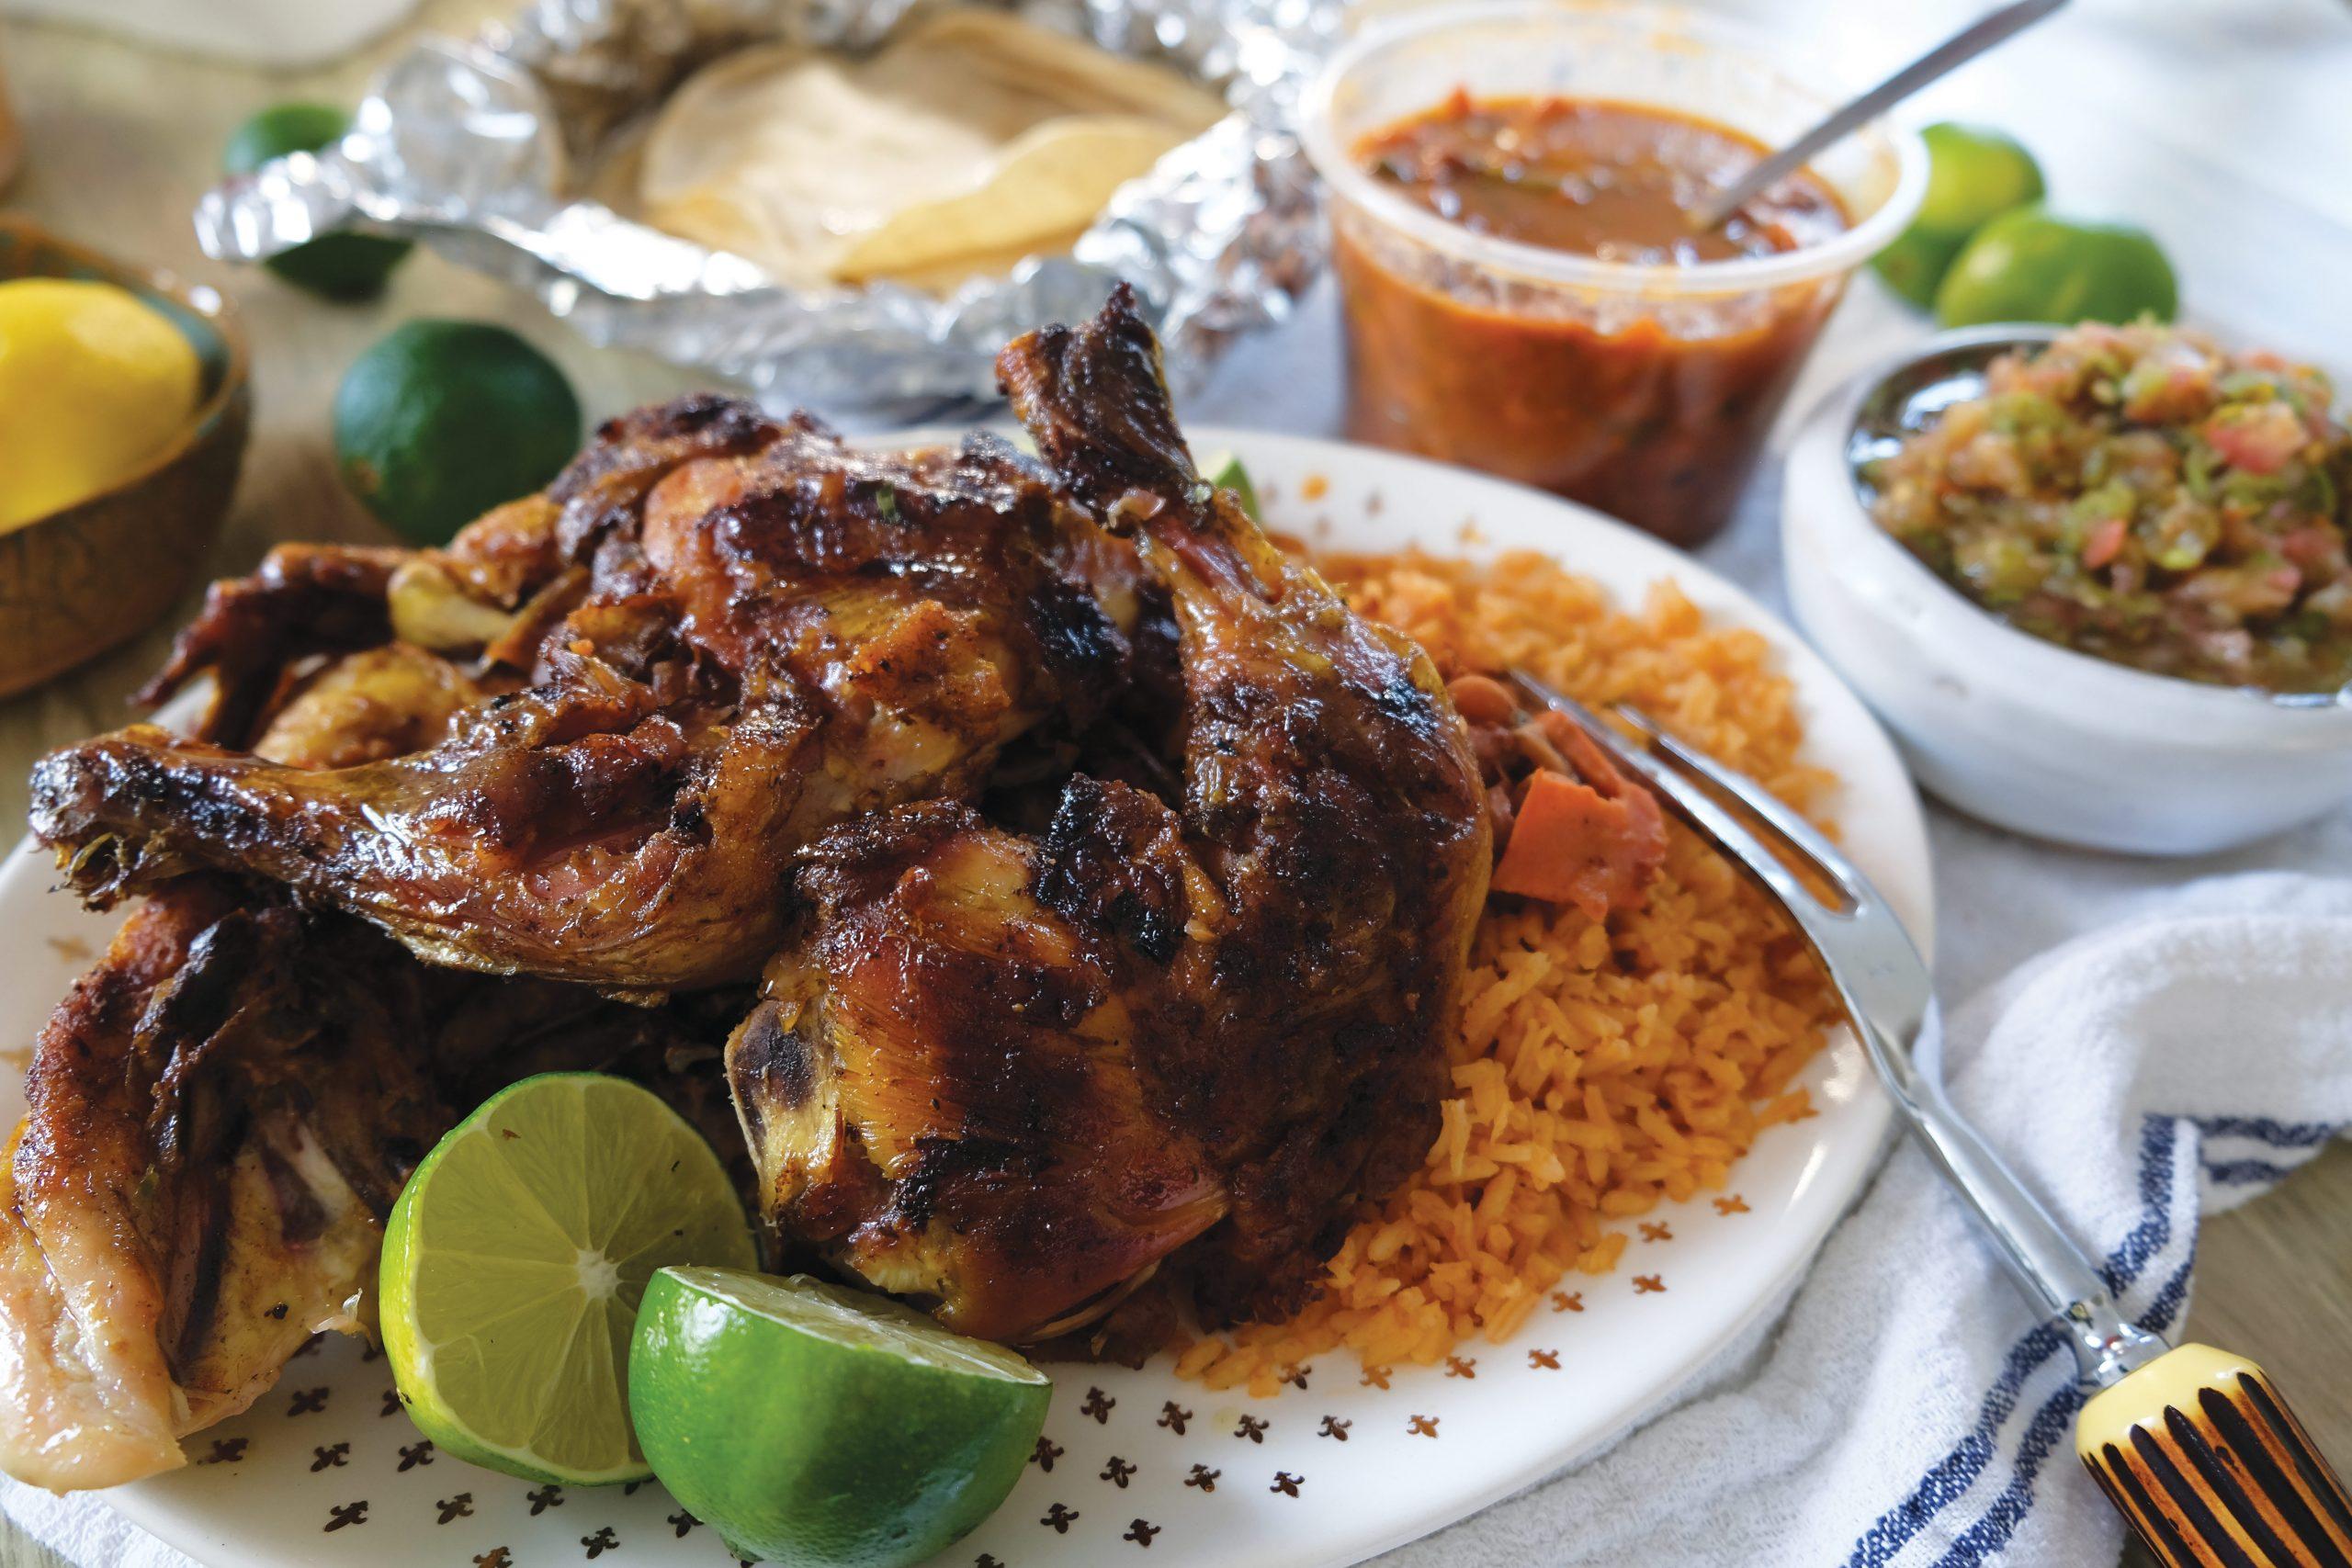 Chicken dinner from Mercado Y Carniceria Cuernavaca. Photo by Eric Cox